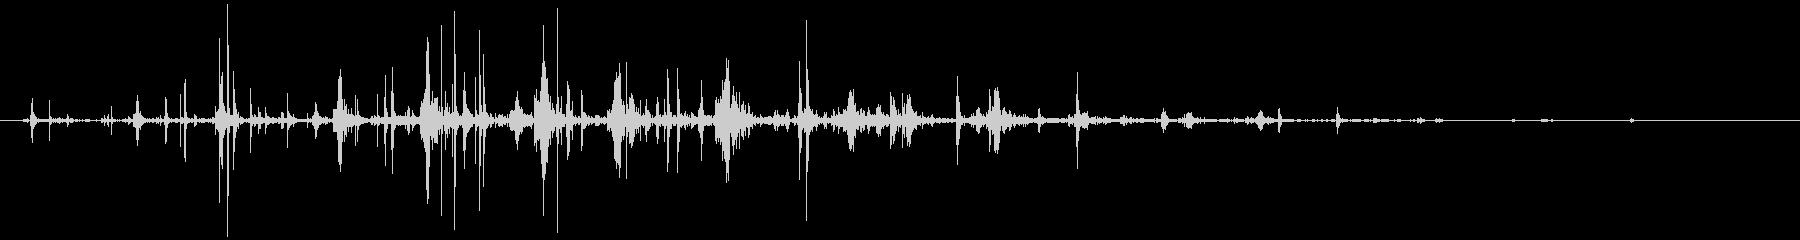 ネバネバ、ヌメヌメとした不気味な音C#4の未再生の波形